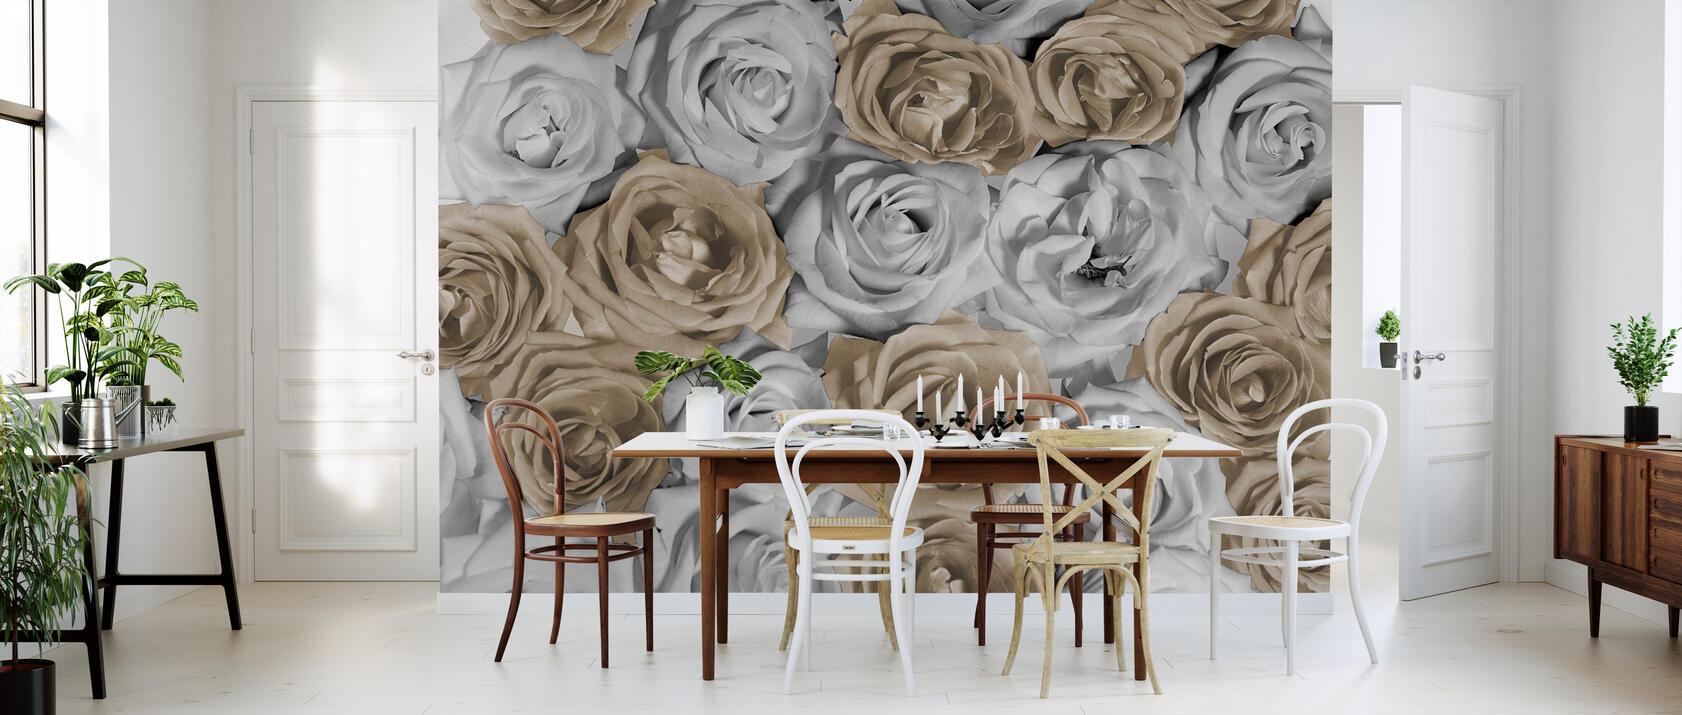 nice roses 1 d coration murale de grande qualit avec livraison gratuite photowall. Black Bedroom Furniture Sets. Home Design Ideas